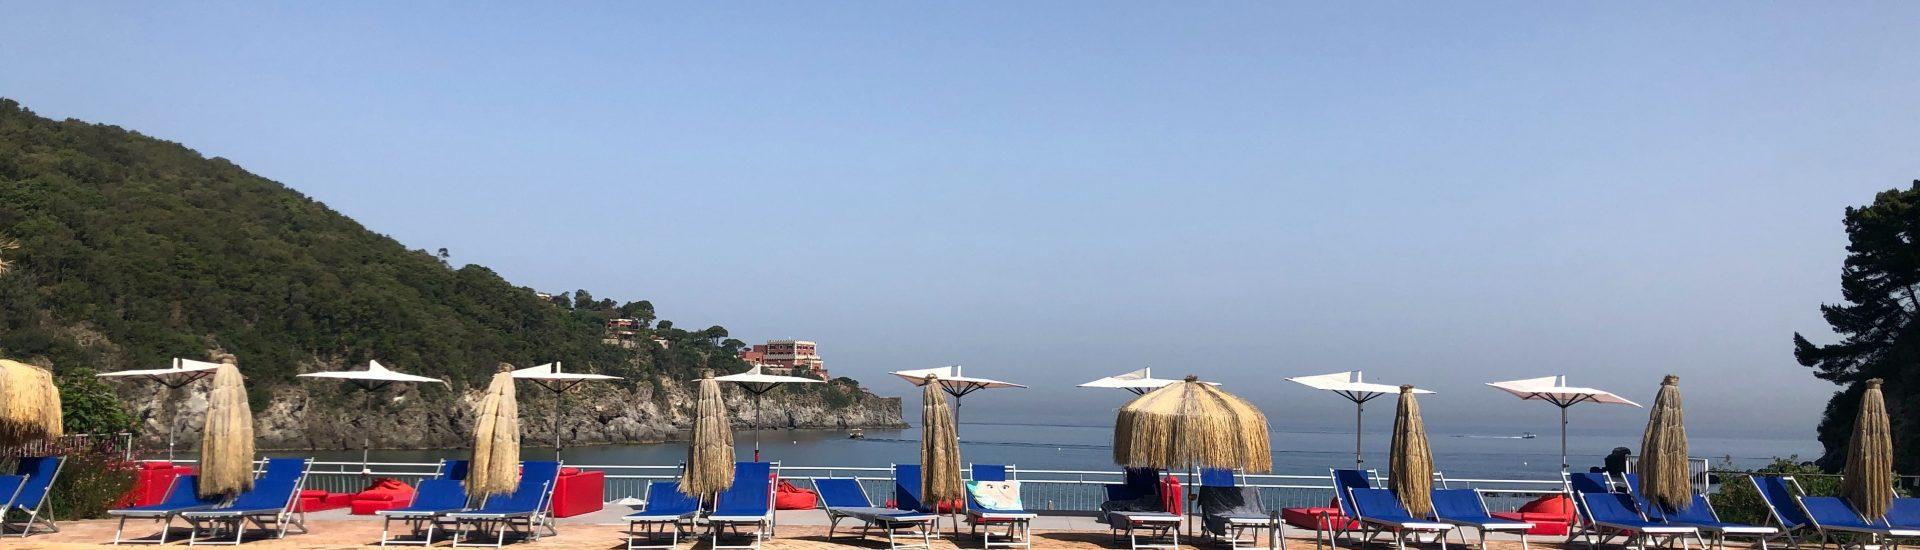 Eine Reise nach Neapel